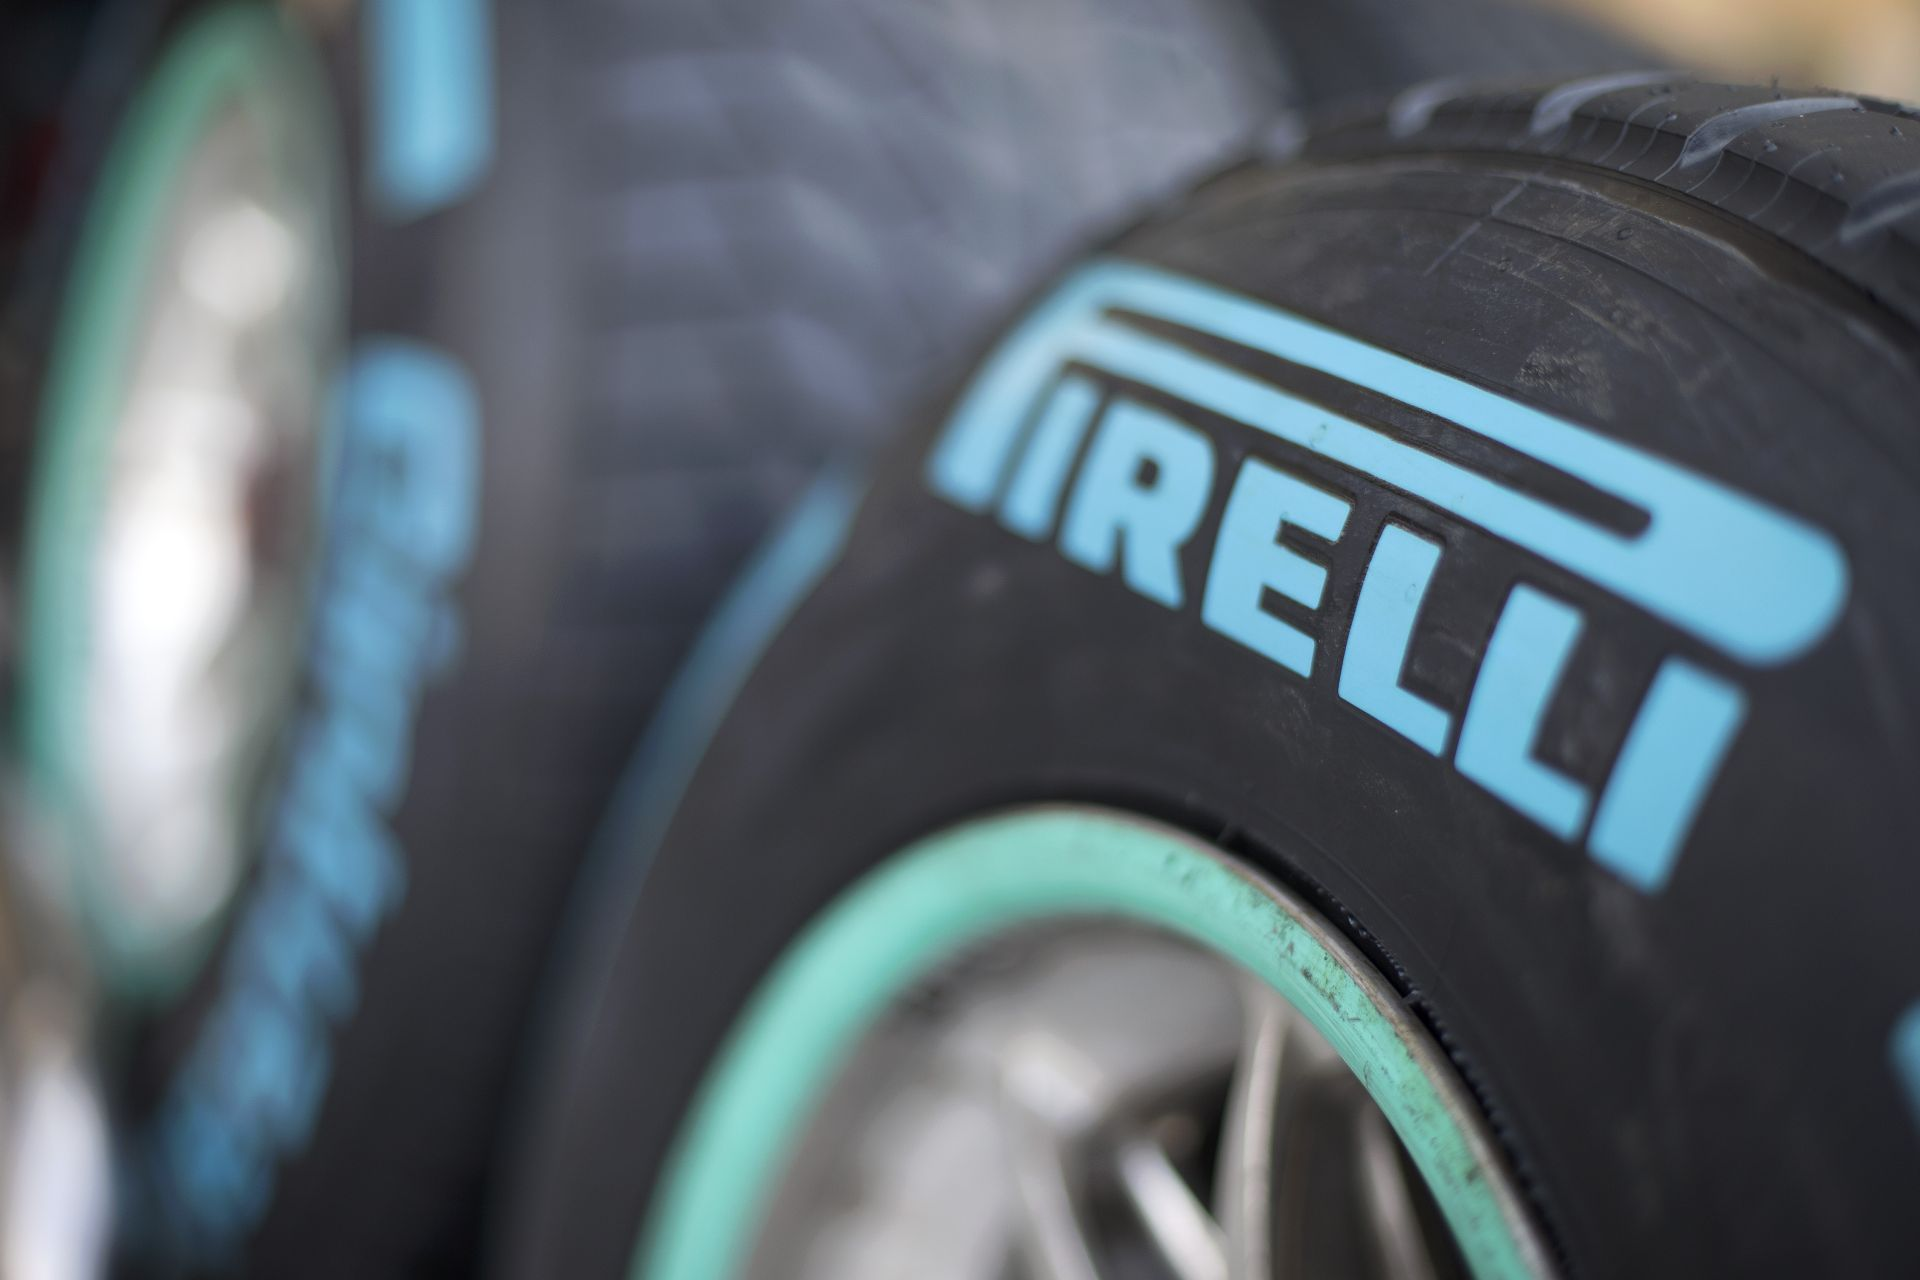 Az FIA tanult a Massa-esetből: máshogy mérik ezentúl a gumik hőmérsékletét